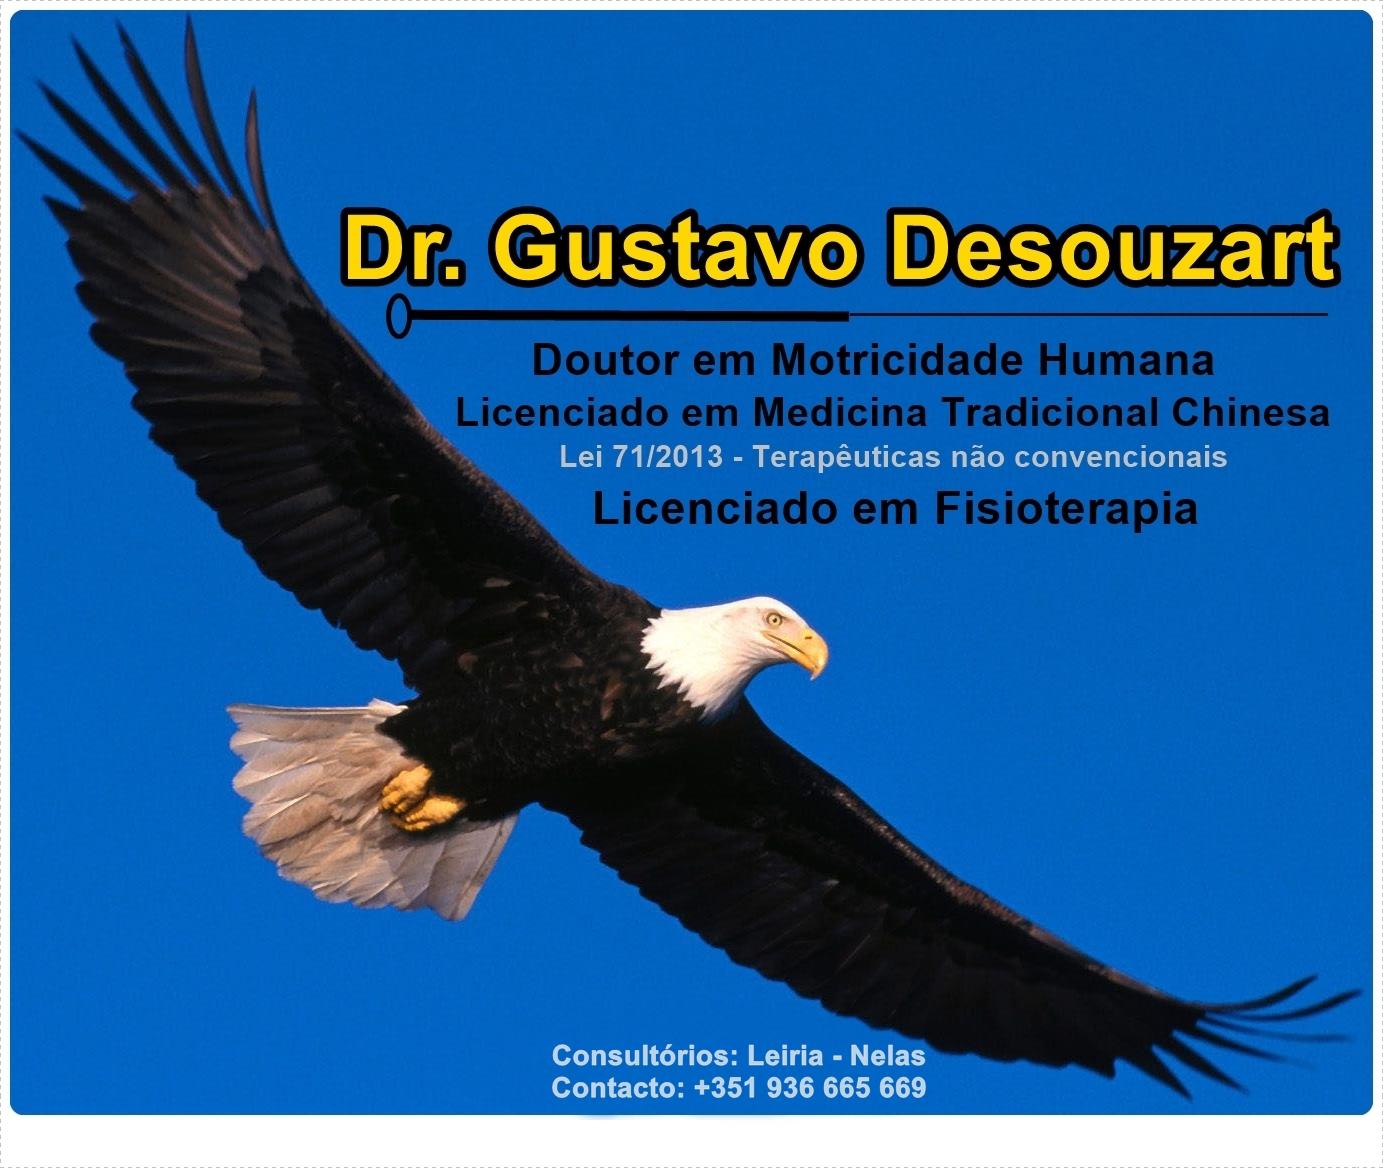 Dr. Gustavo Desouzart